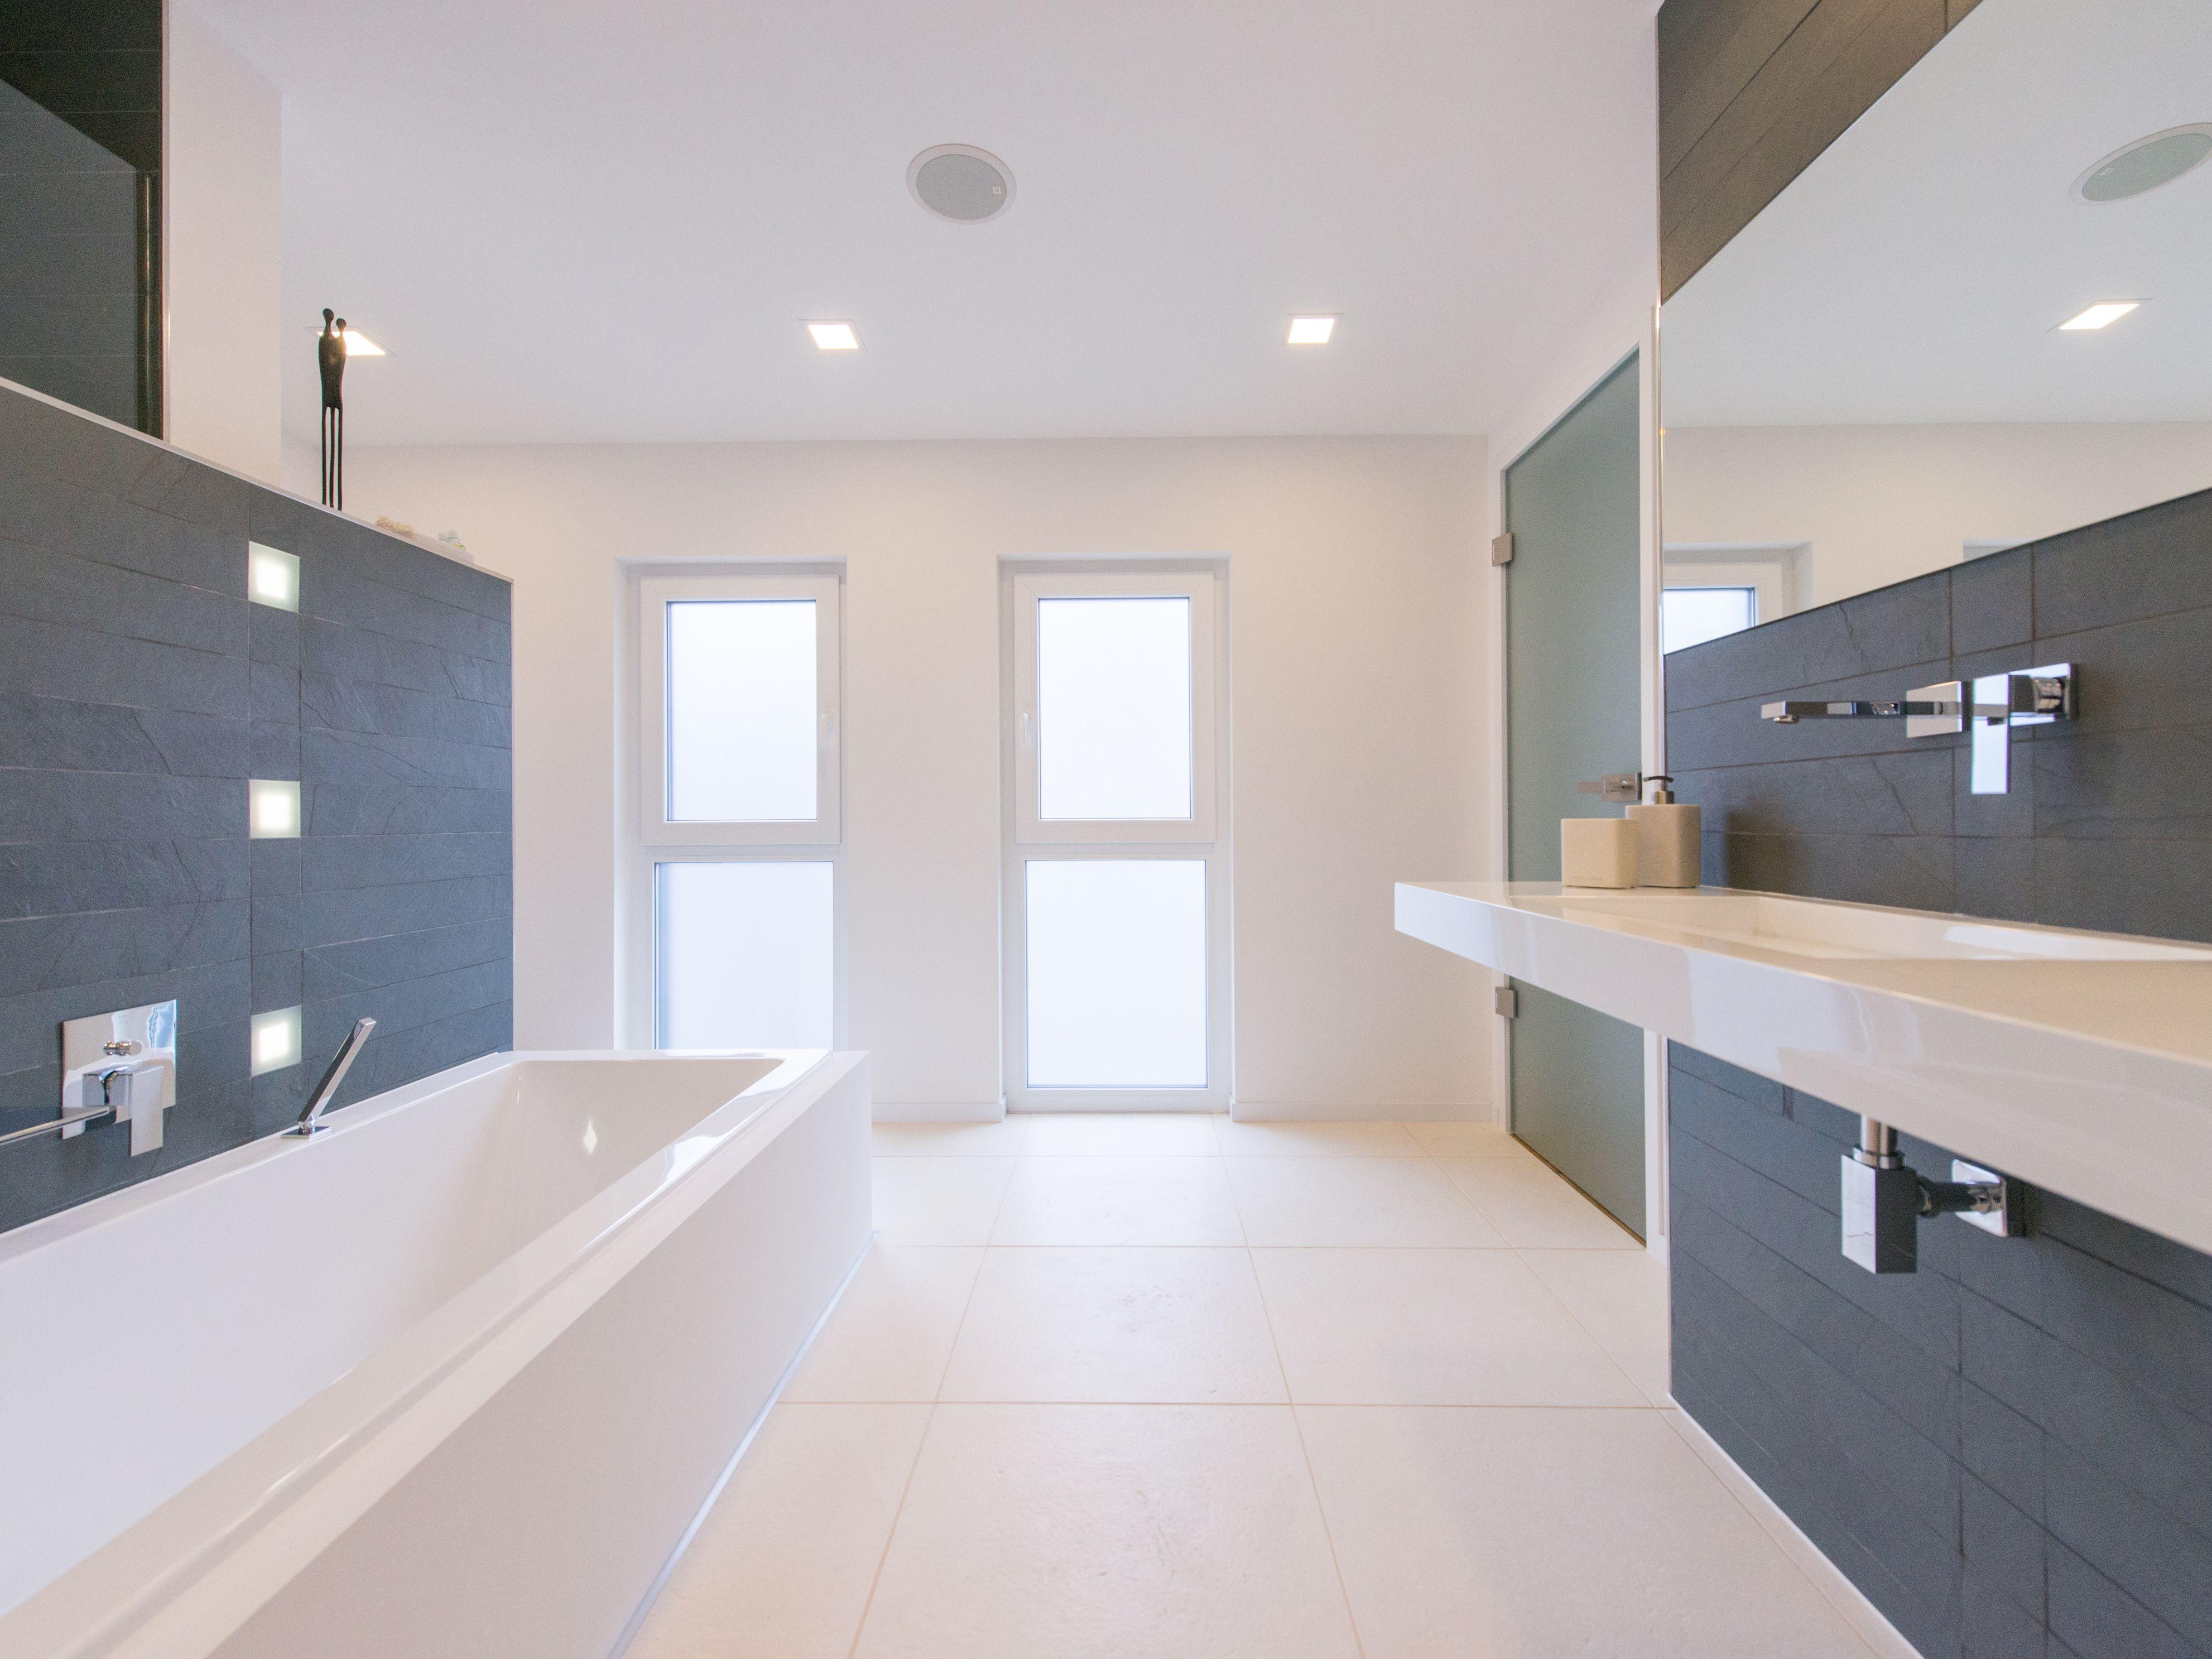 Der helle boden unterstreicht das einladende ambiente des for Bad fliesen ideen hell